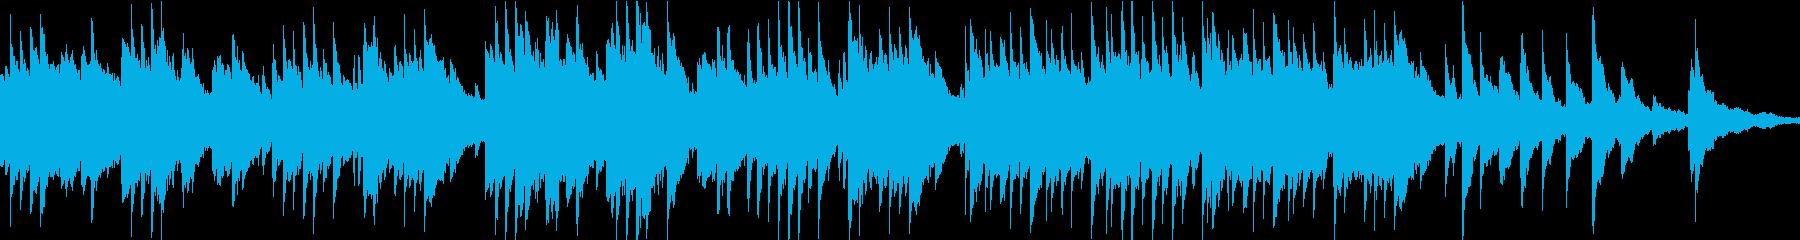 切なく温かいオルゴール(ループ)の再生済みの波形